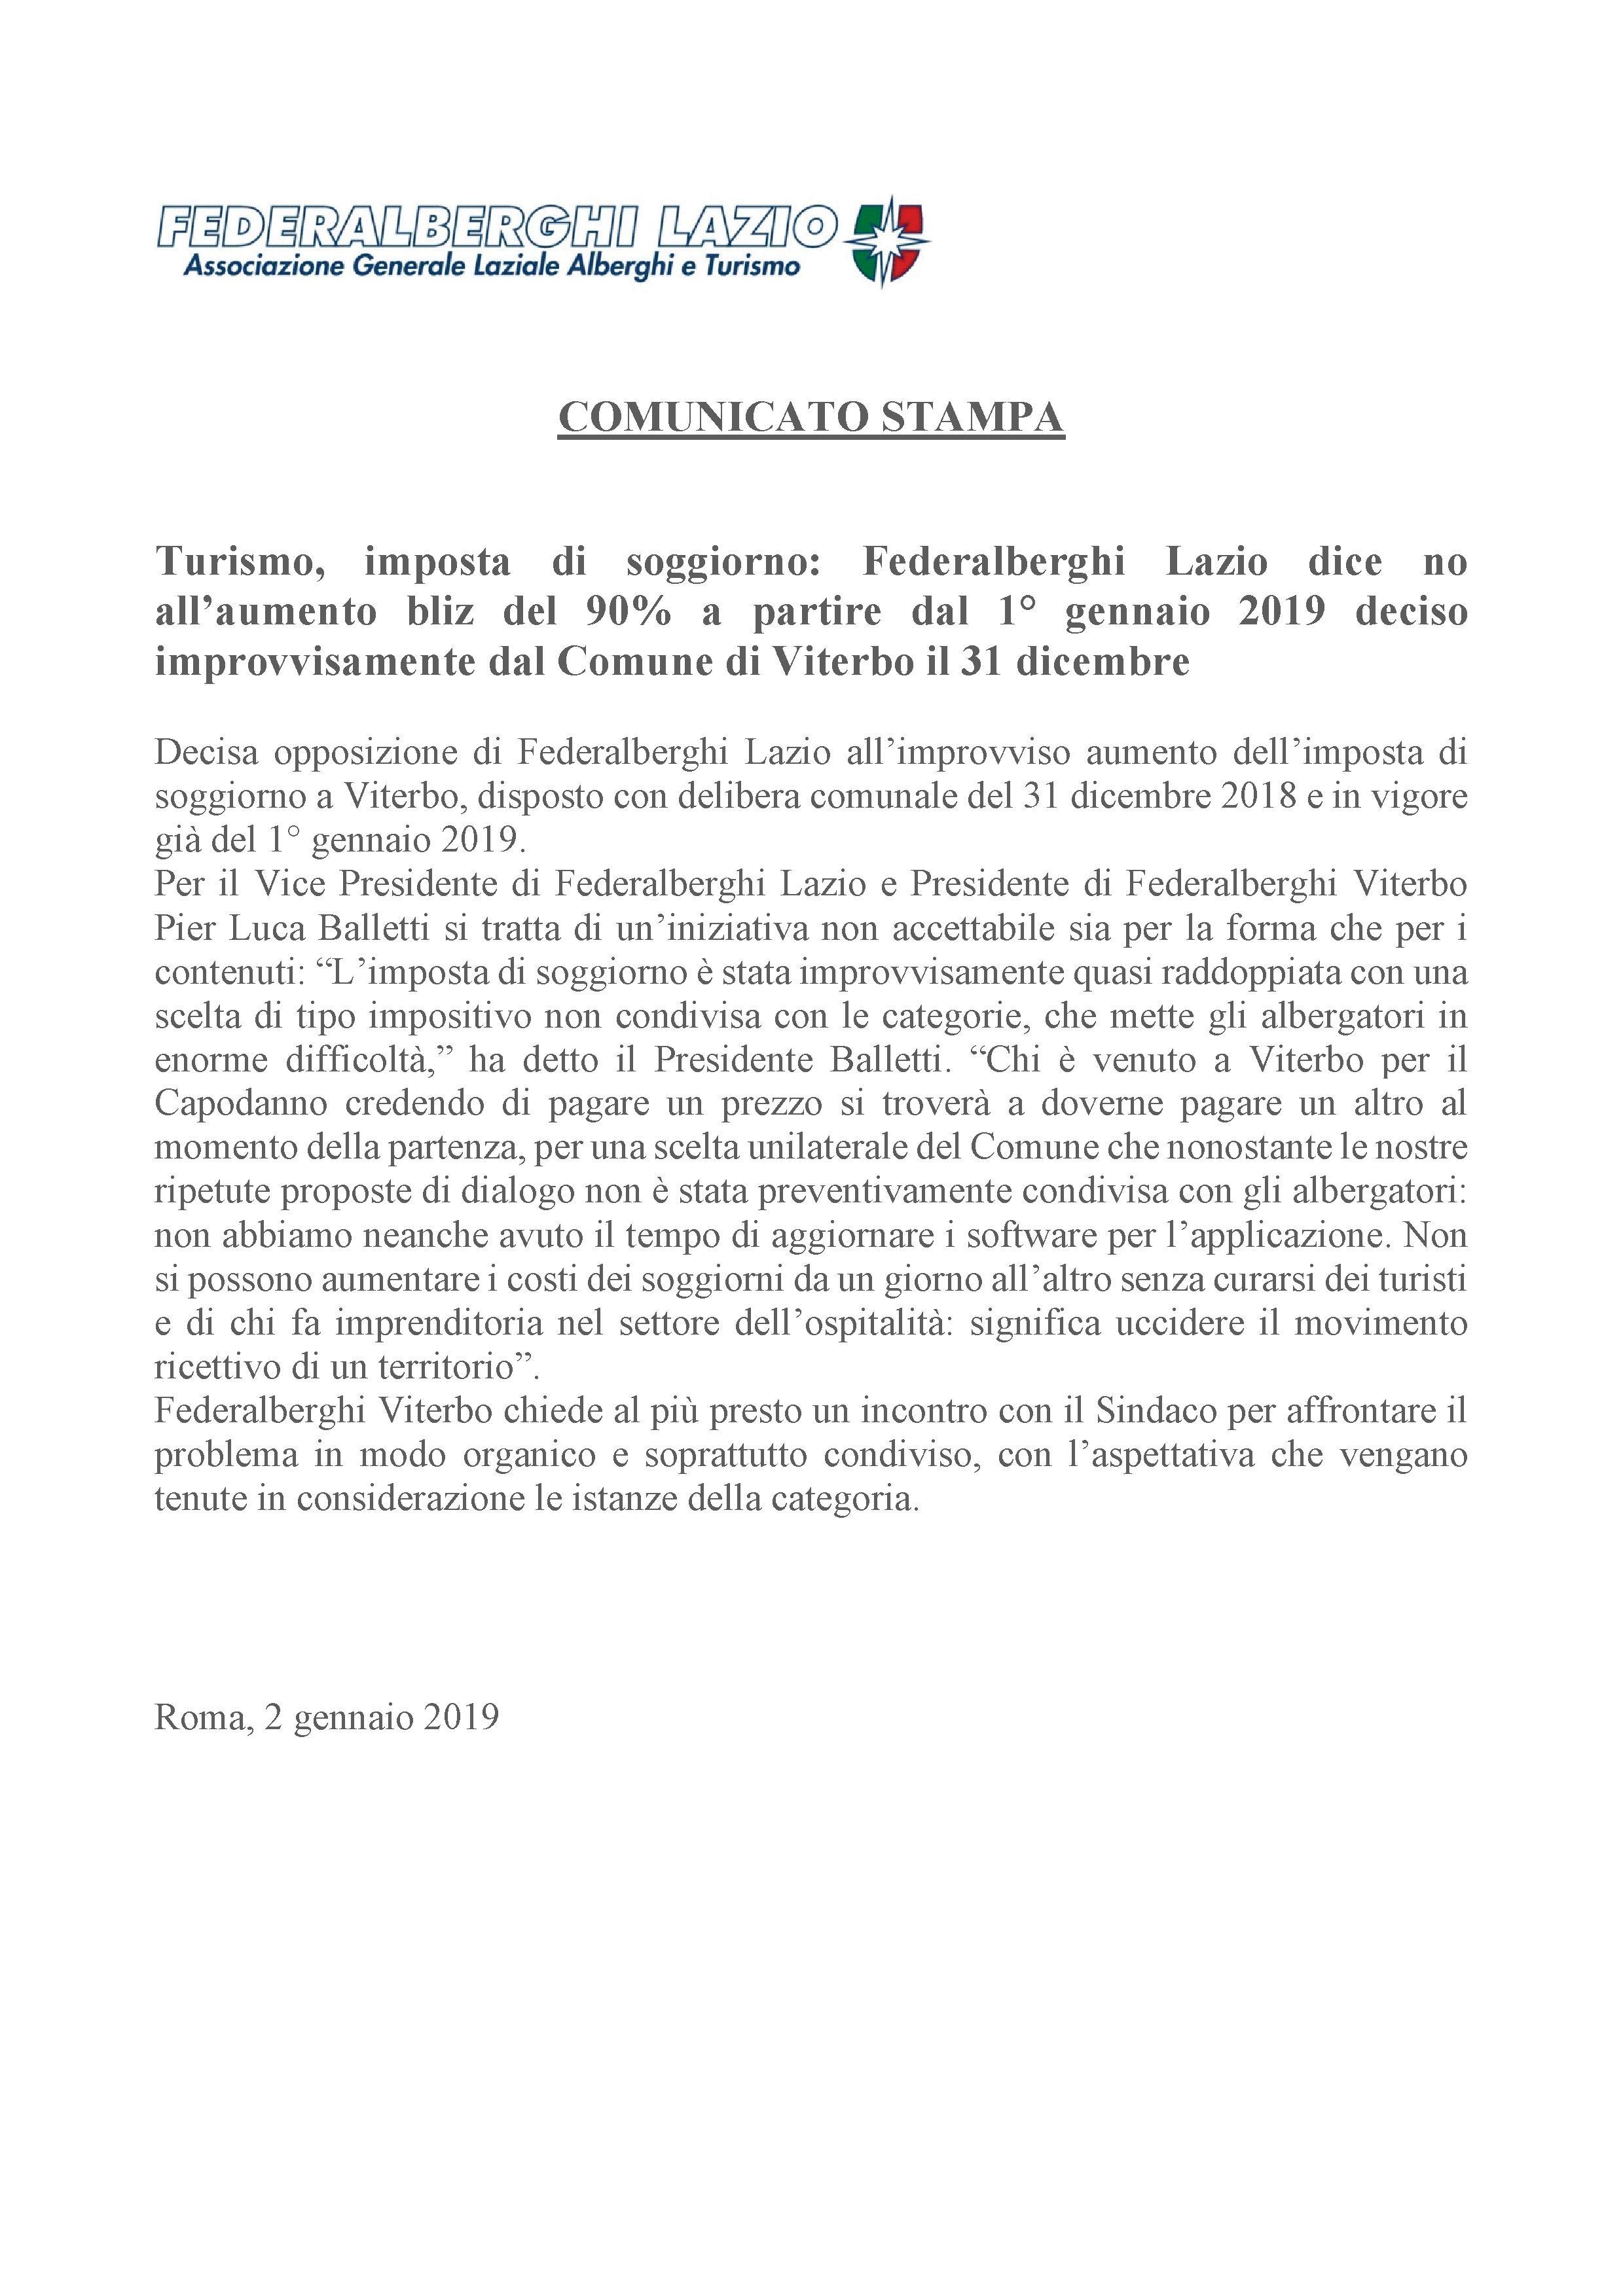 Federalberghi Lazio